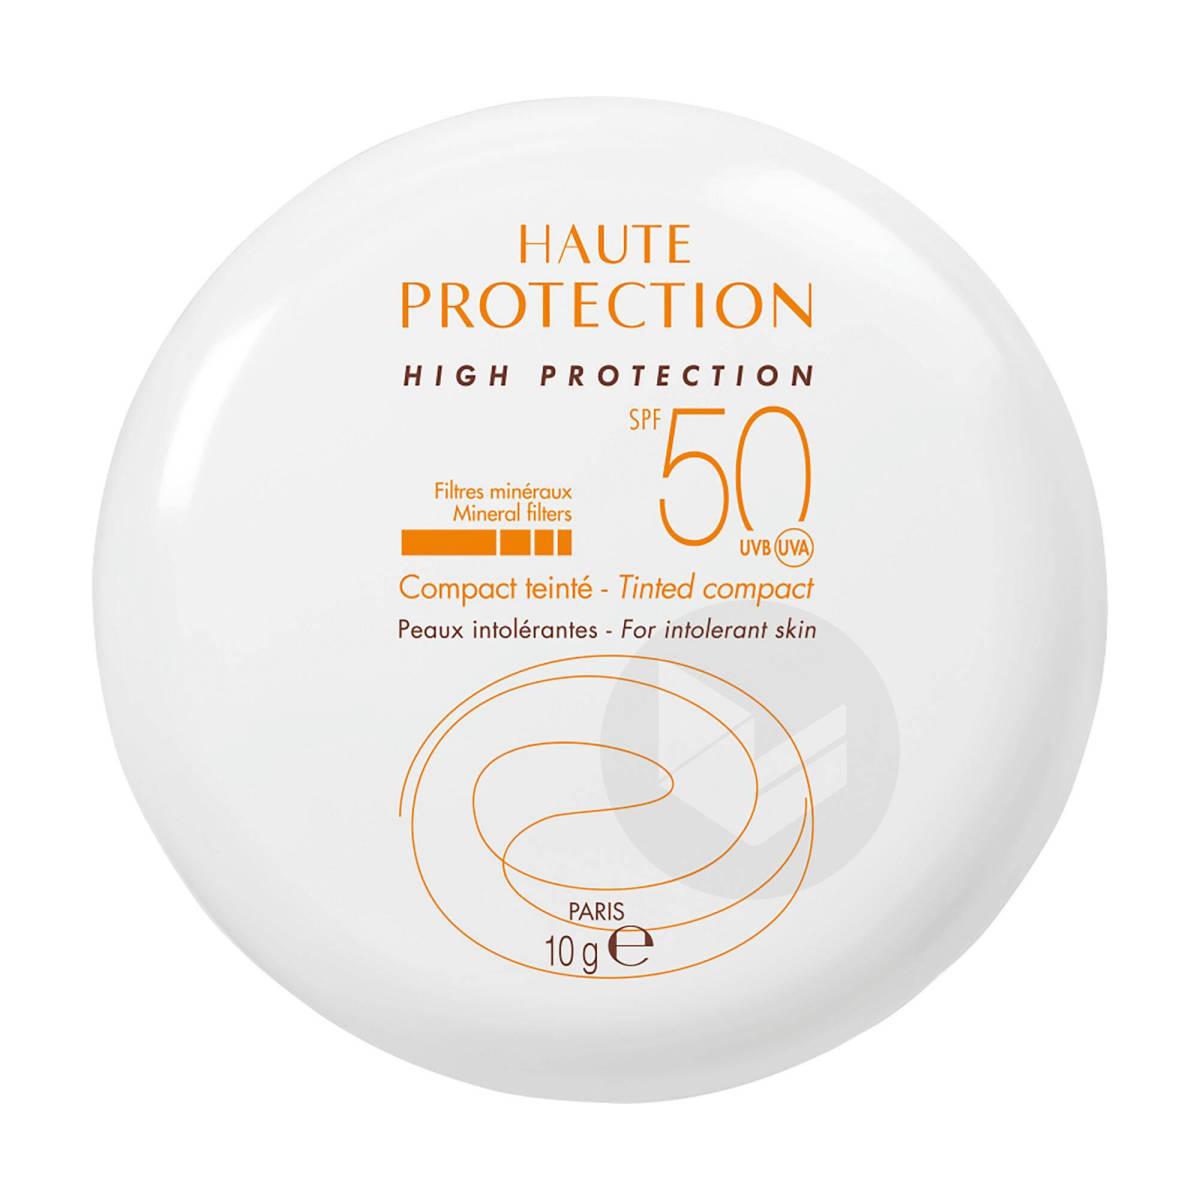 Haute Protection Compact Teinté Doré SPF50 10g